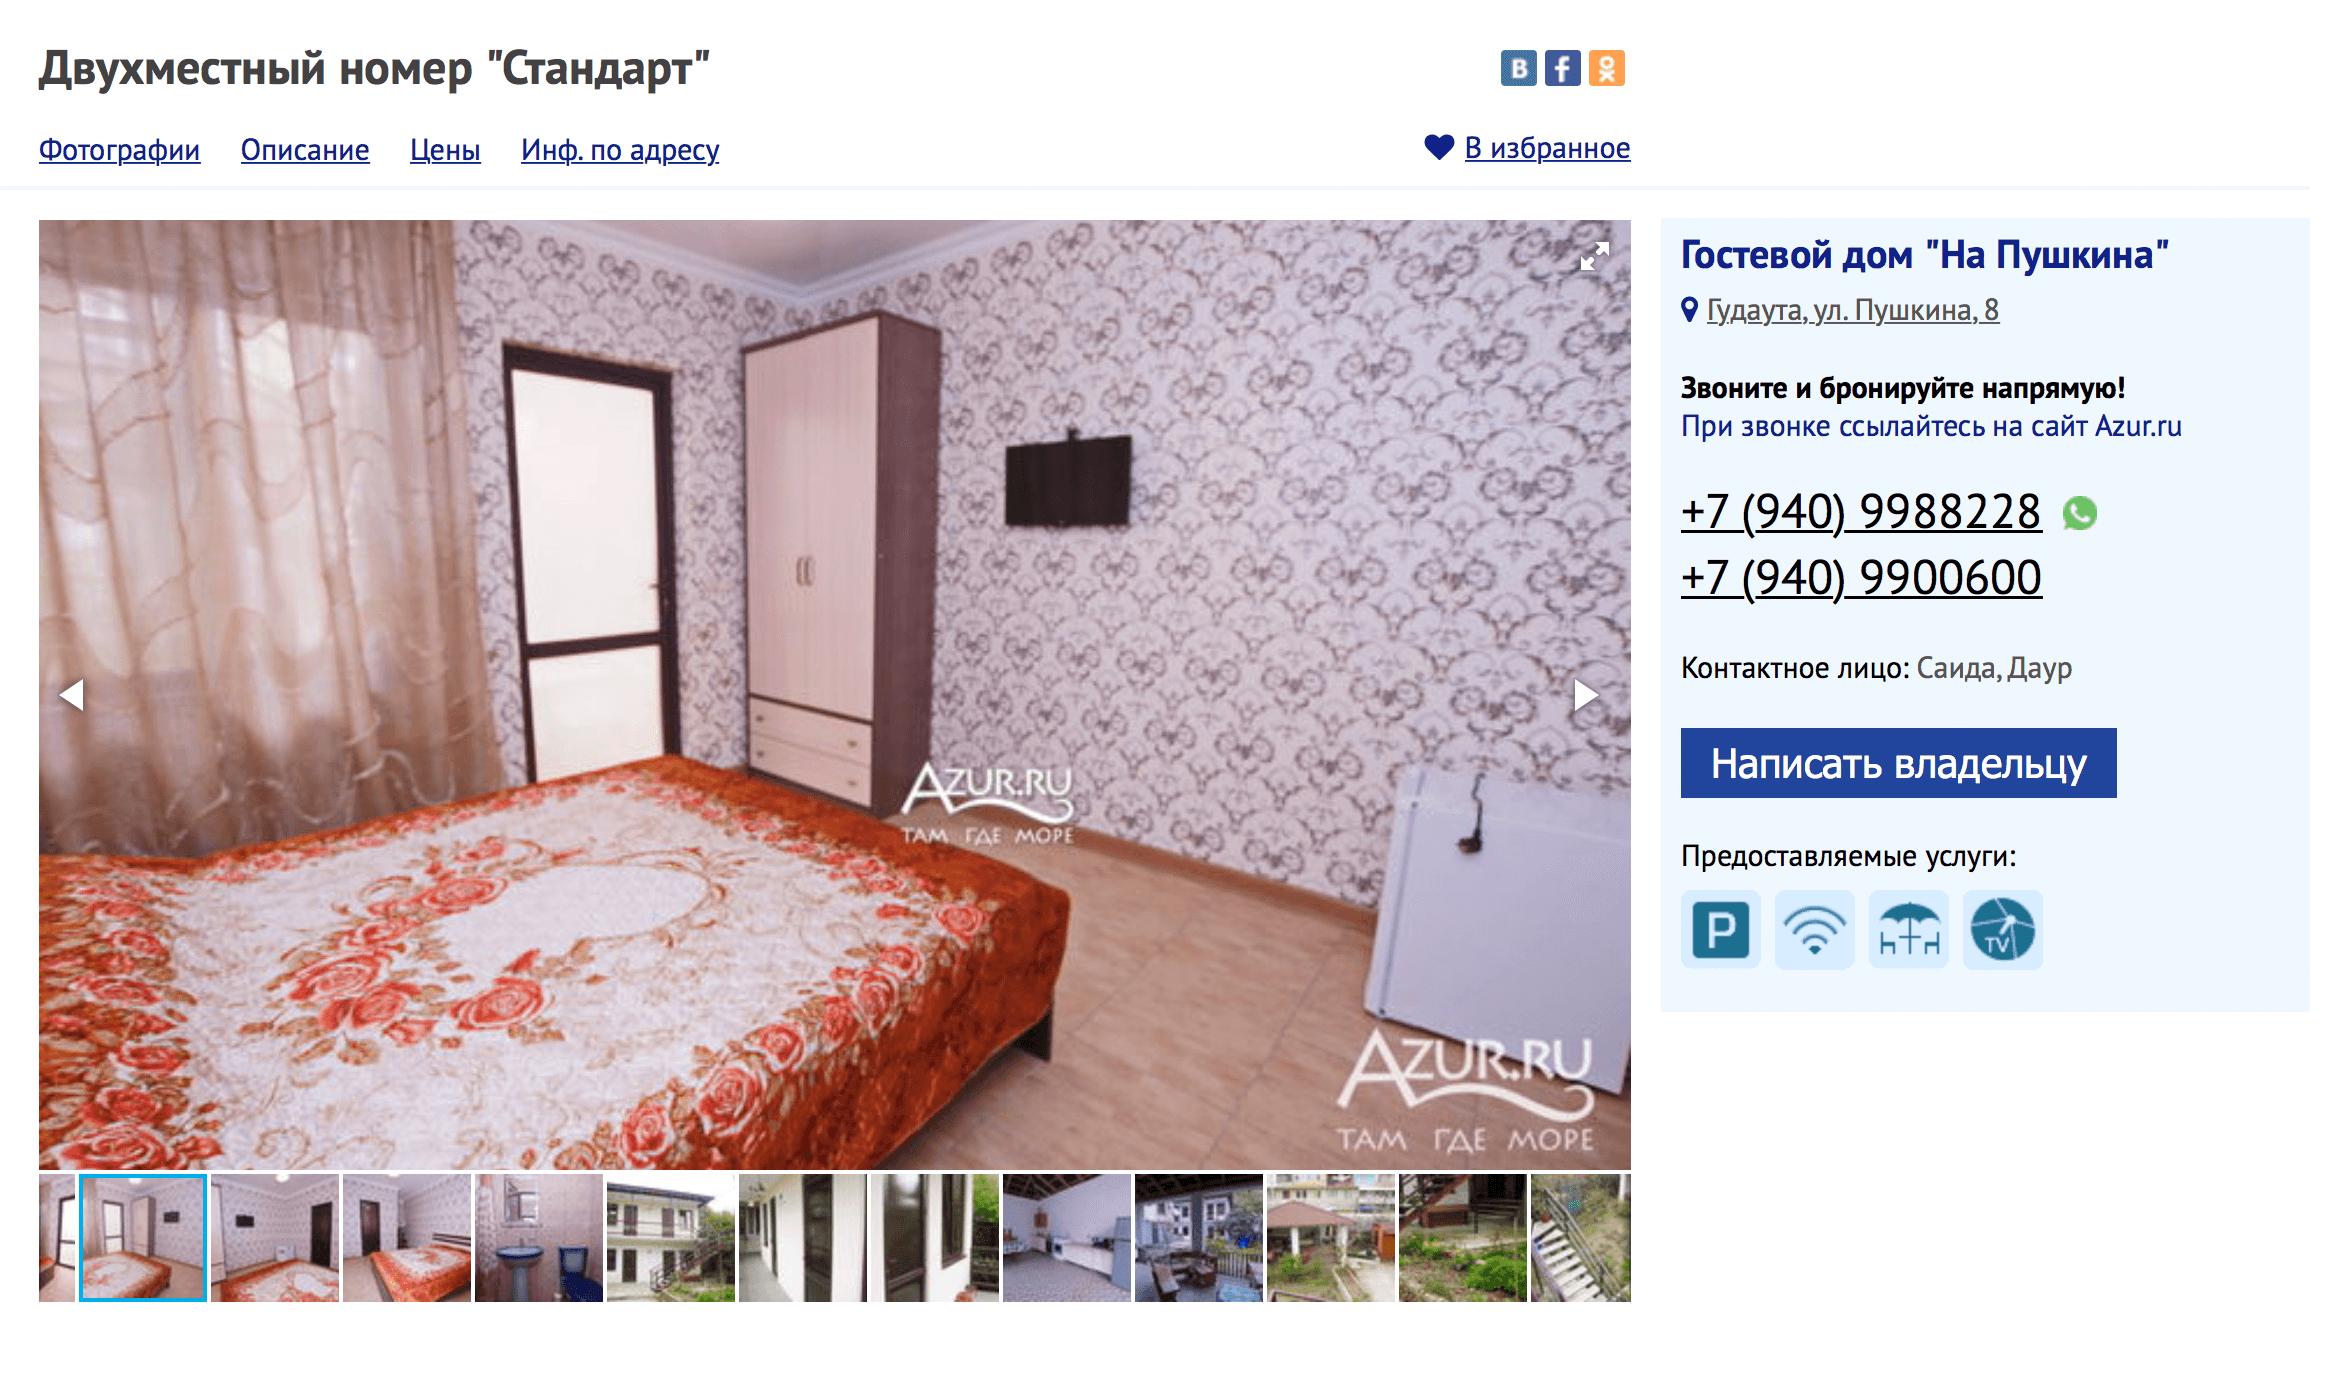 Номера в мини-отеле, в котором мы жили. Наш телевизор был немного больше. Источник: azur.ru